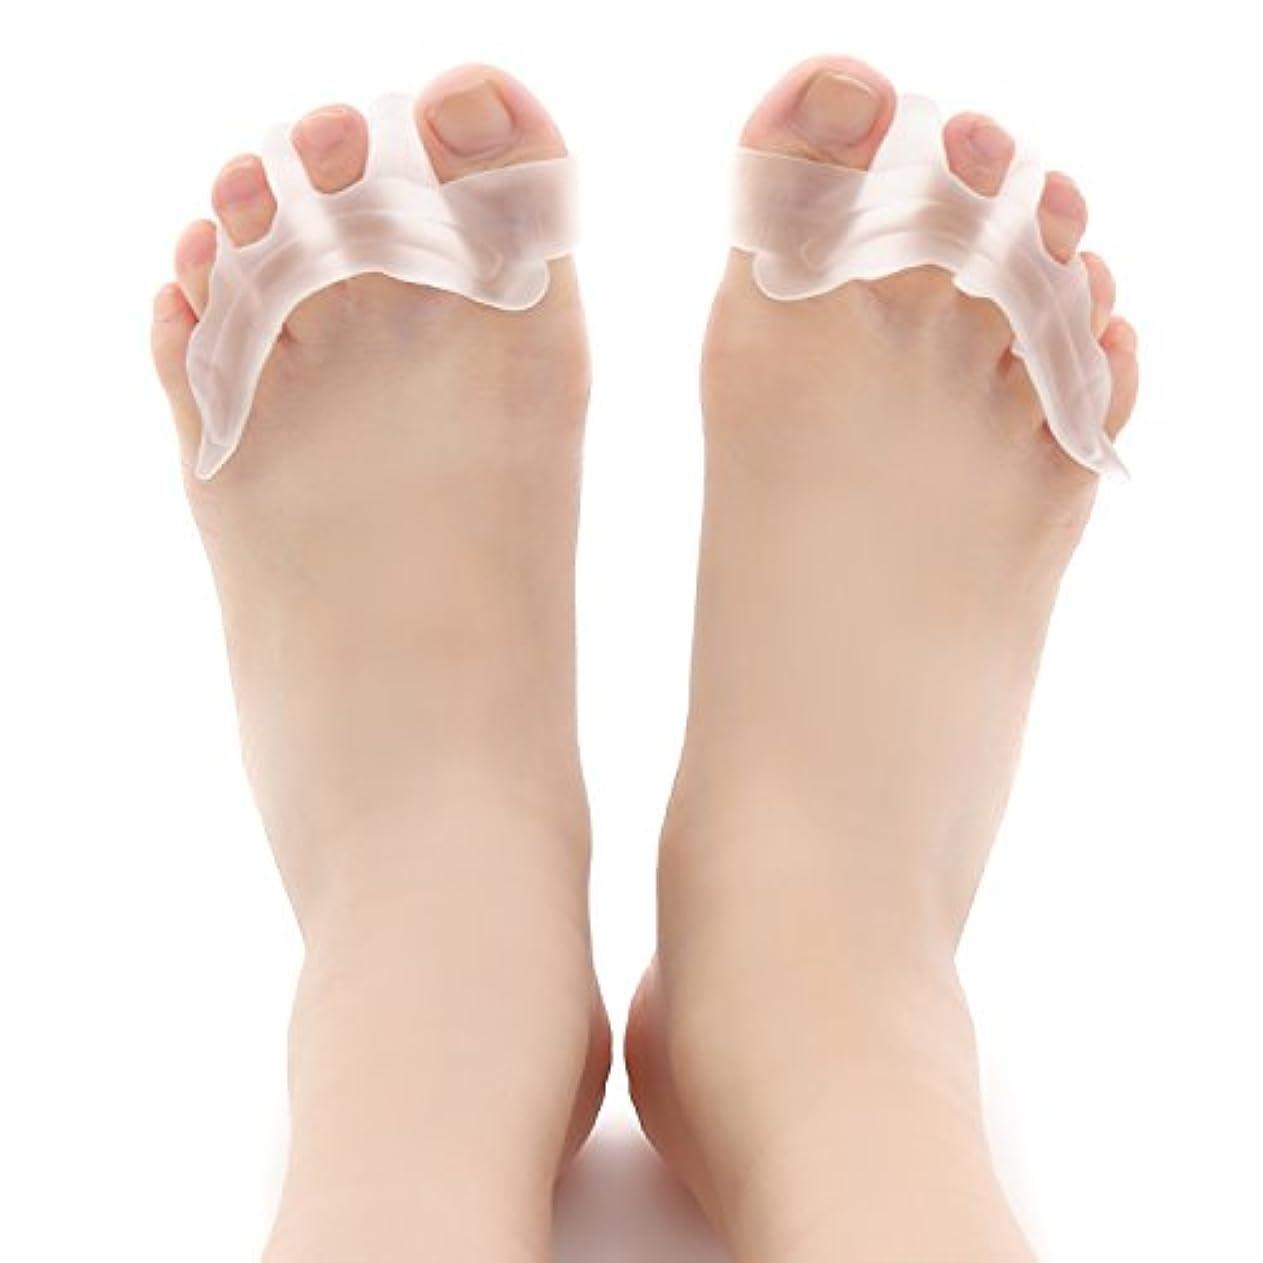 慈悲致命的な流行しているToby Soul【2ペア4個入り】足指サポーター 外反母趾 足指 広げる 矯正 シリコン素材 男女兼用